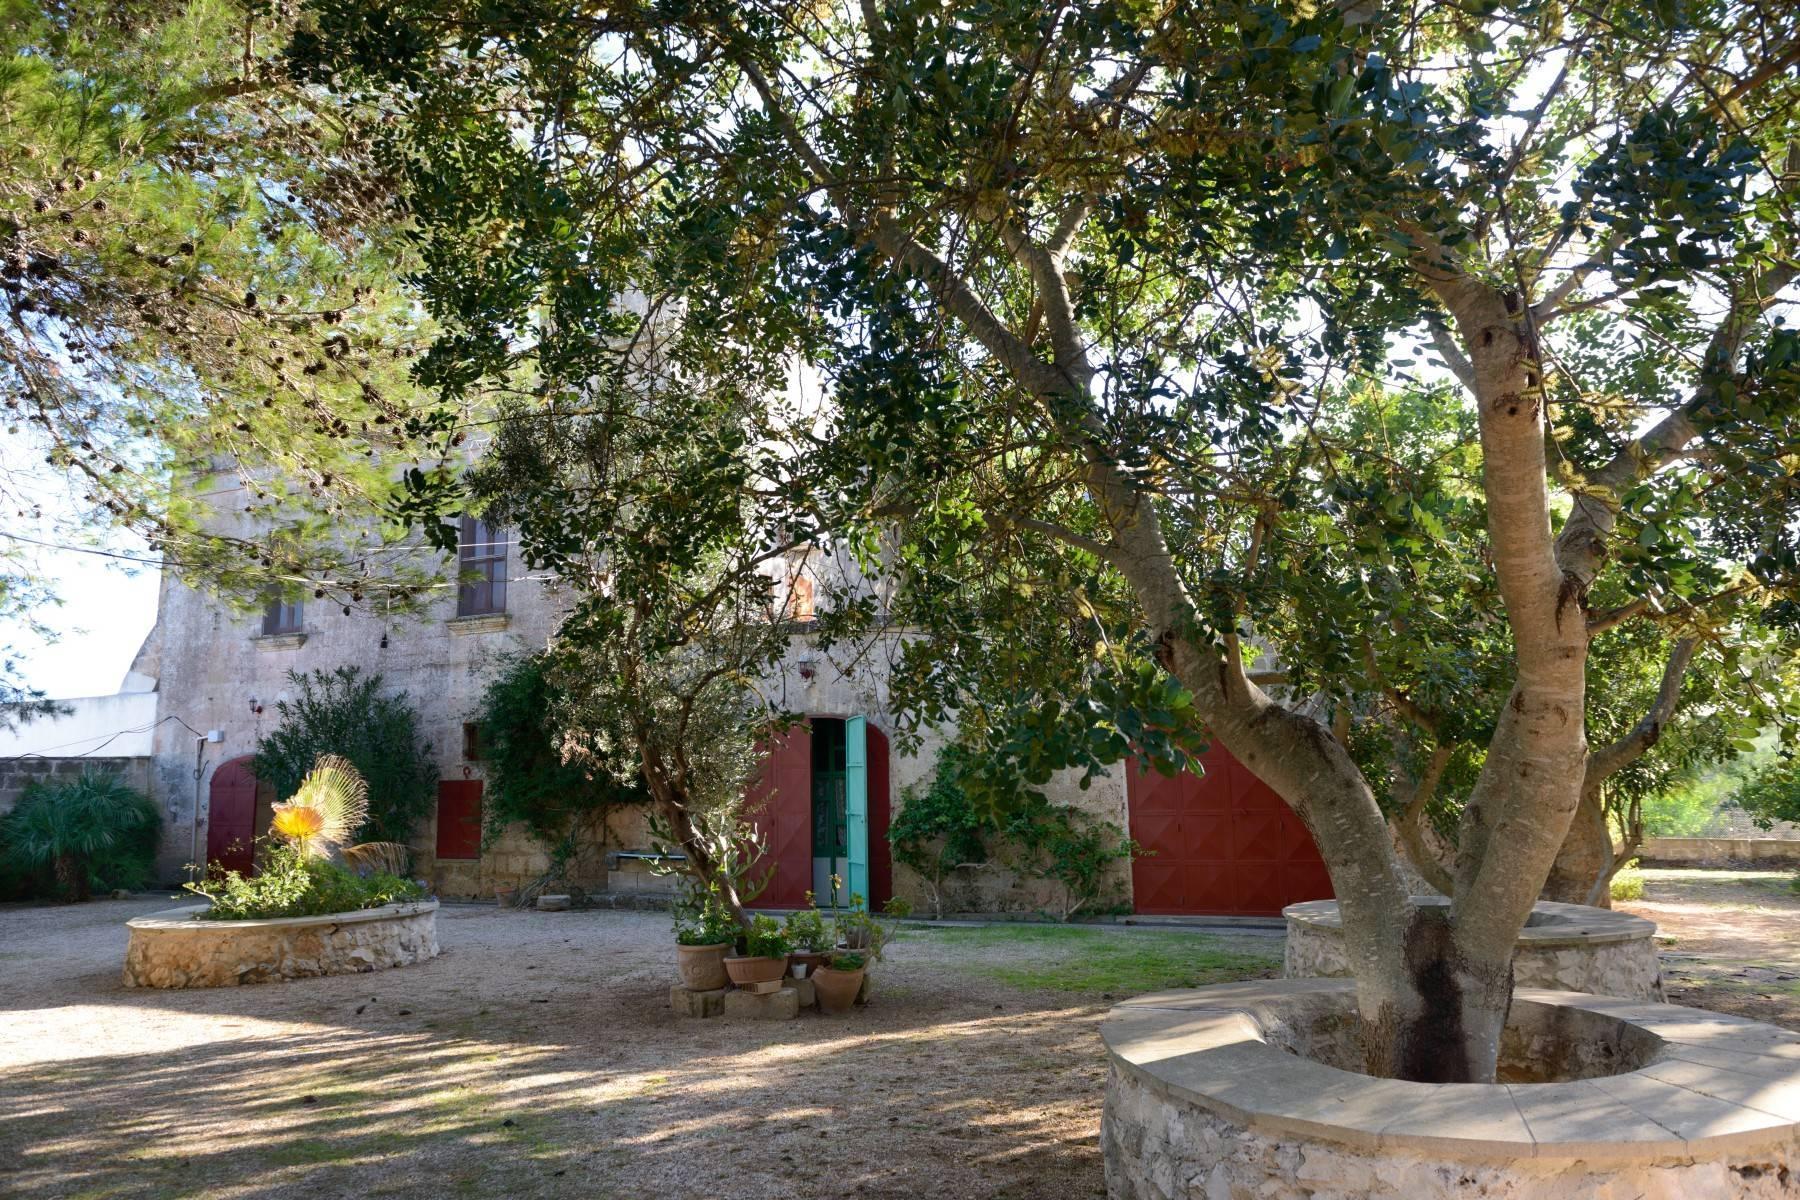 坐落于著名的Masseria Caracciolo住宅区内的优雅别墅 - 1